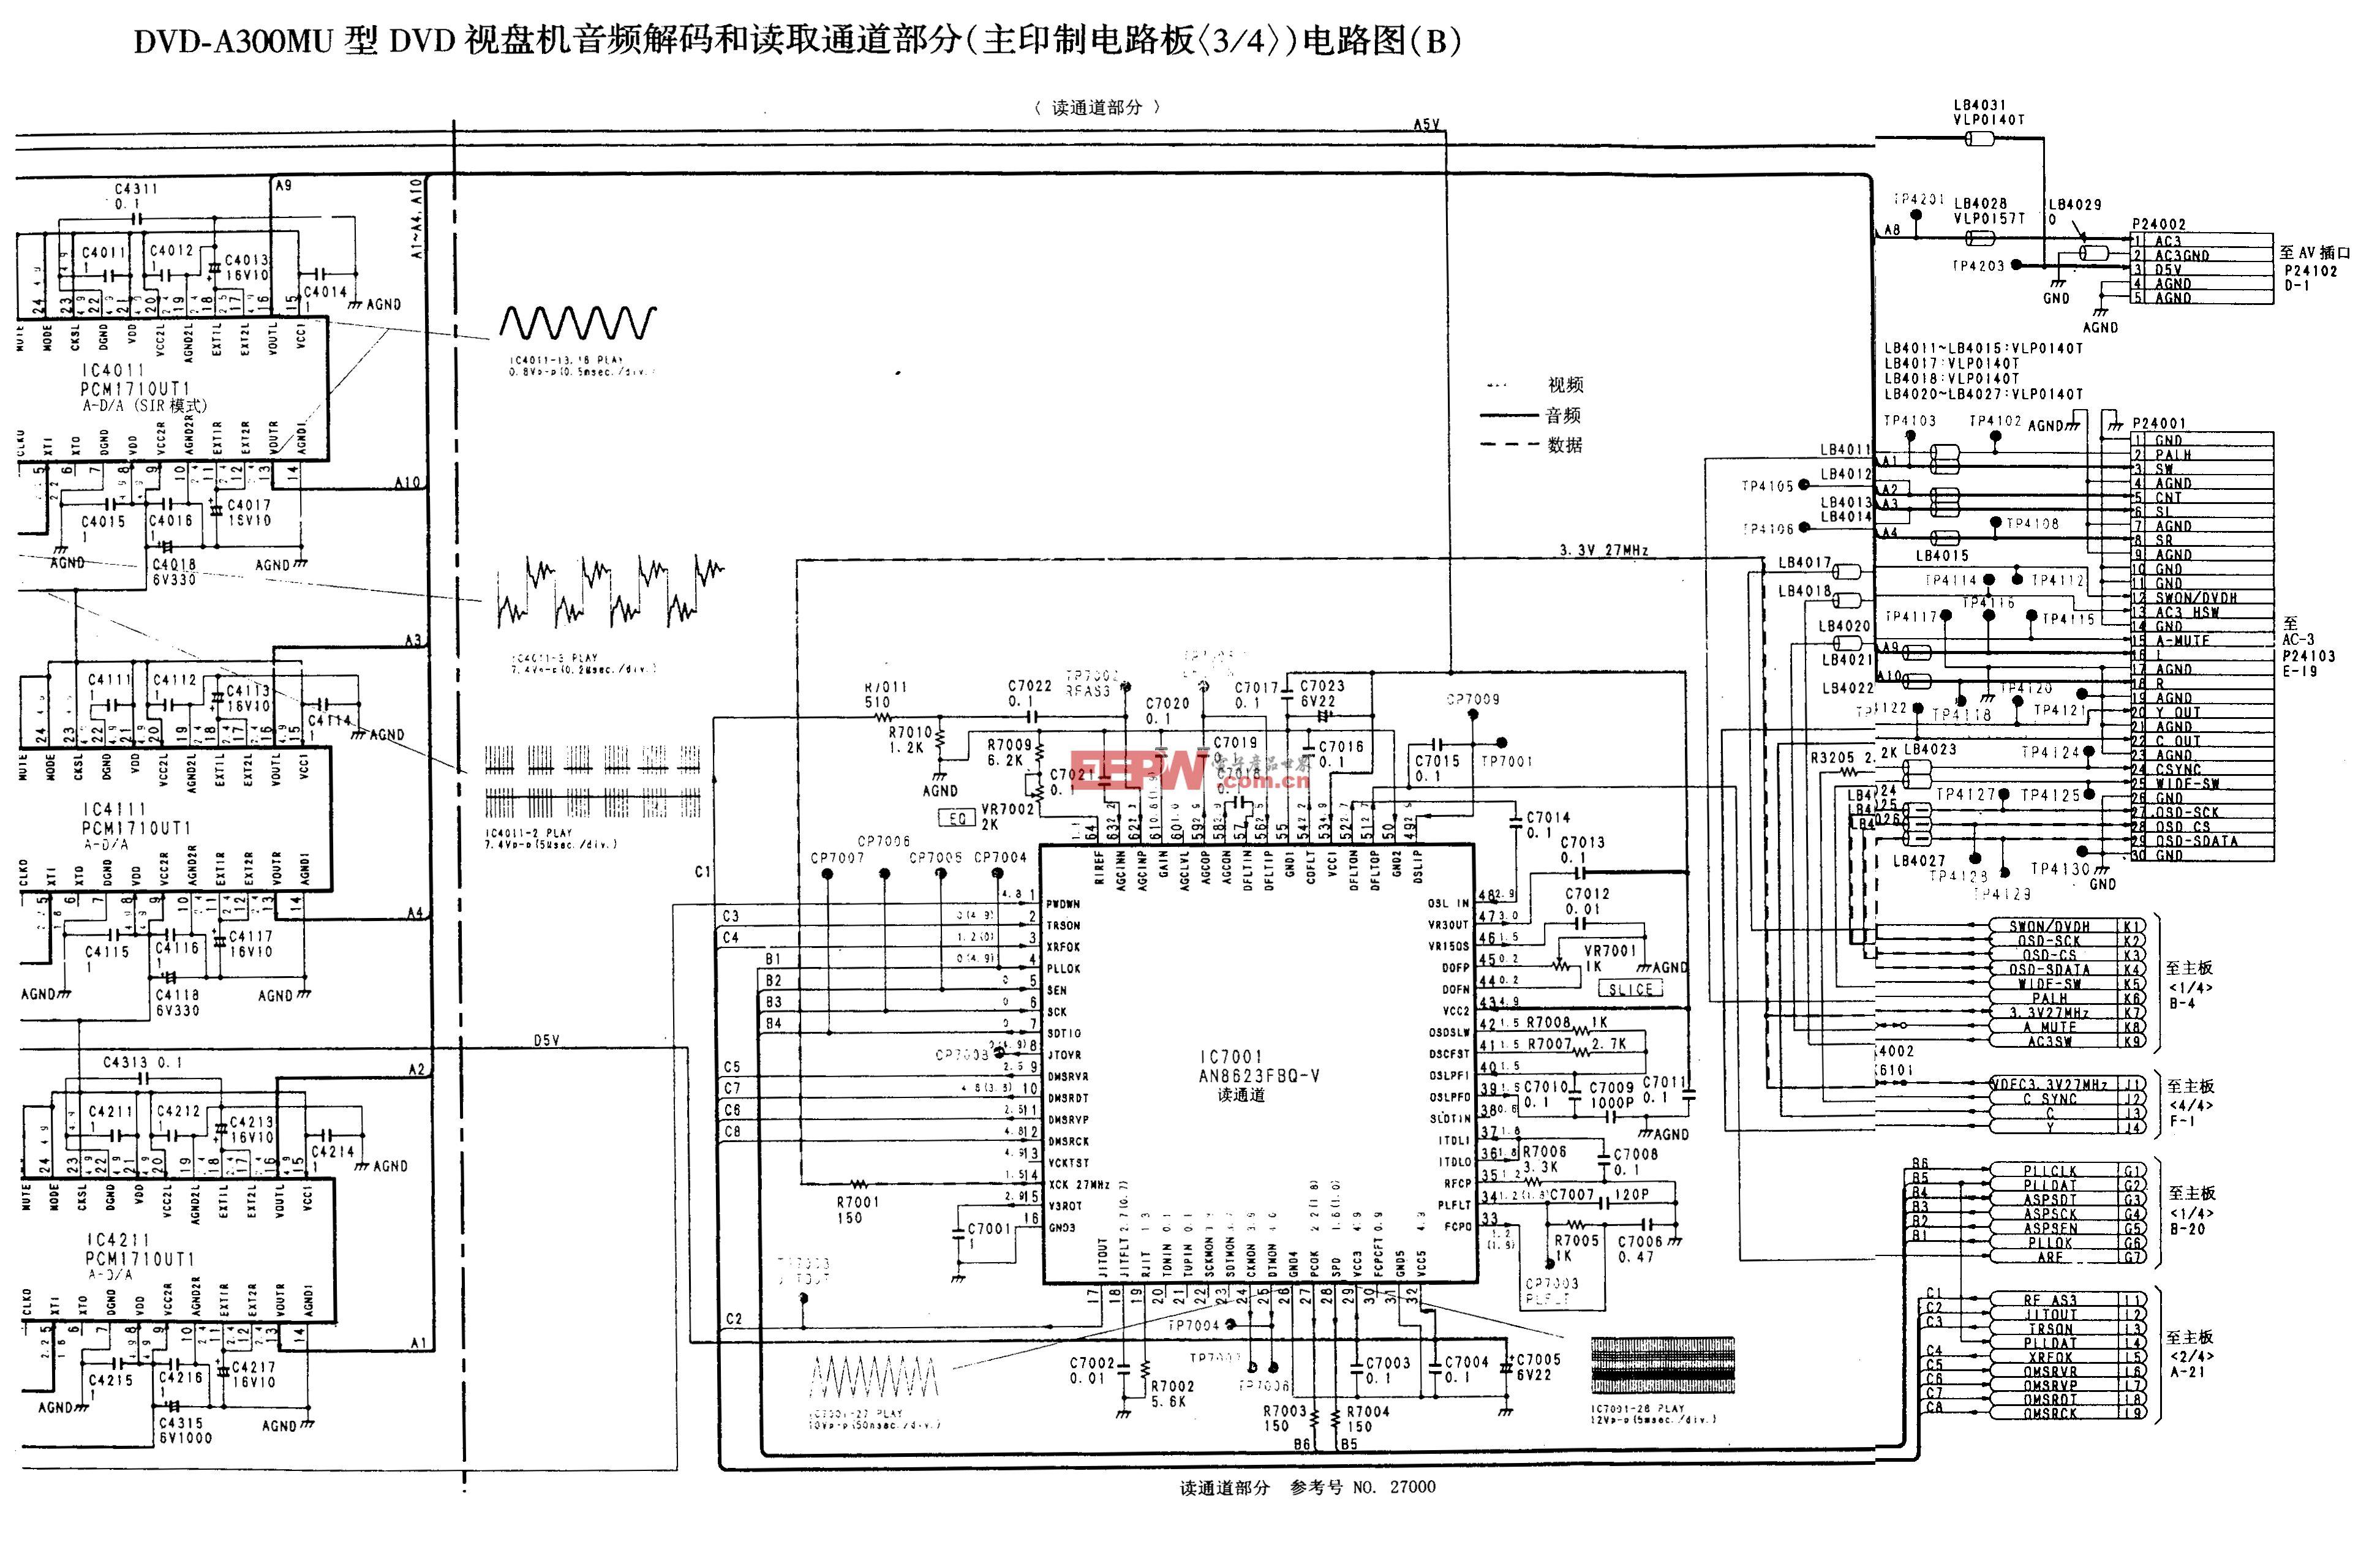 松下DVD-A300MU型DVD-音频解码和读取通道部分B